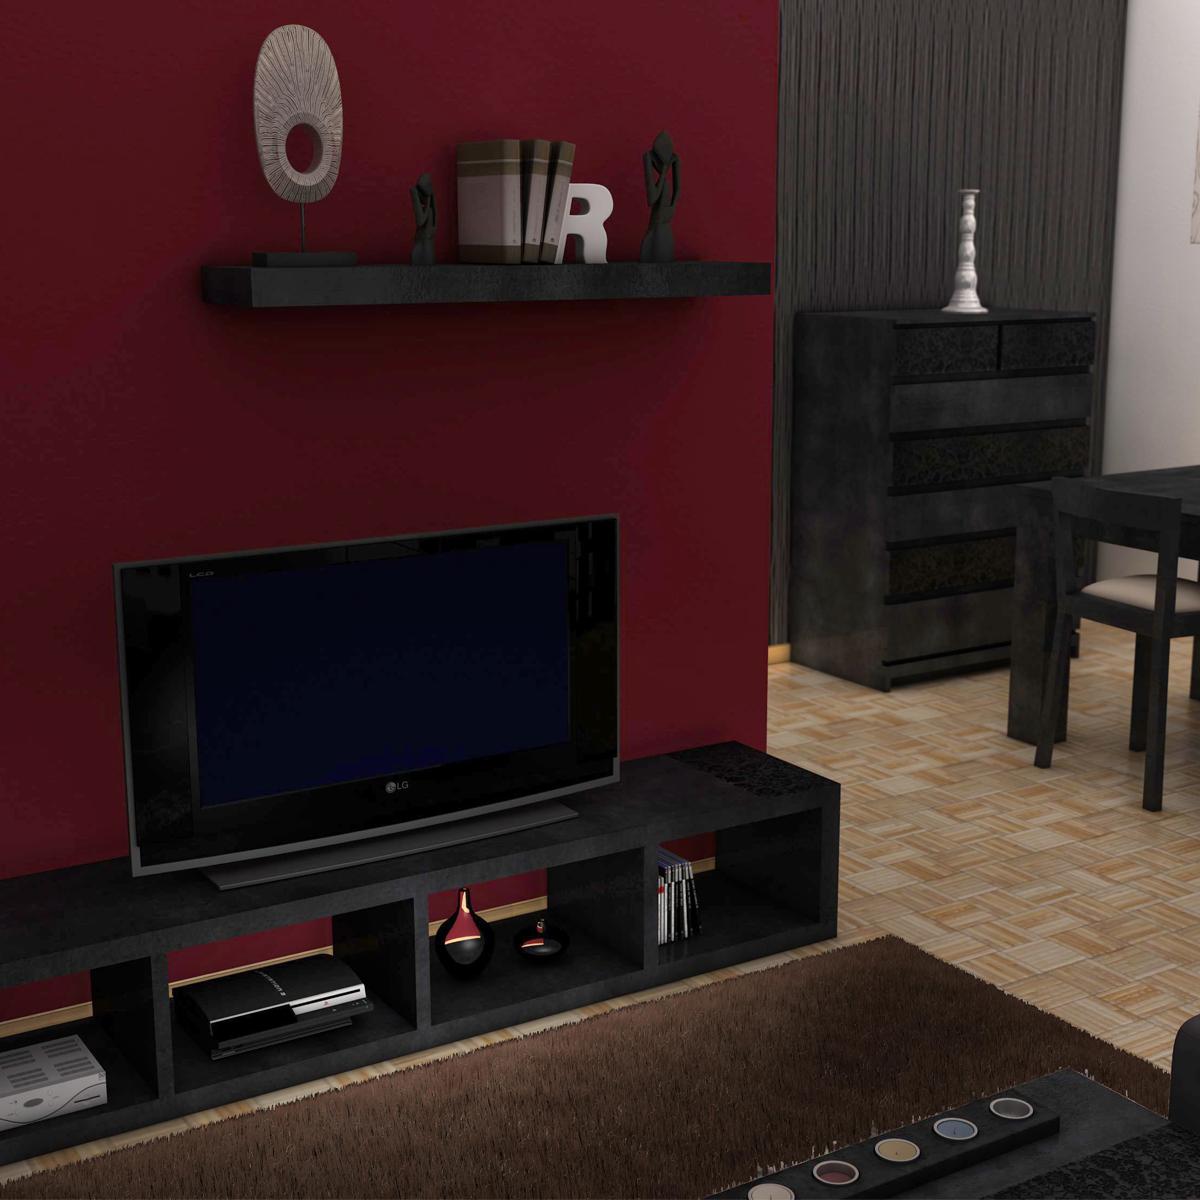 dzīvojamā istaba 3d modelis 3ds max fbx c4d ma mb obj 159607